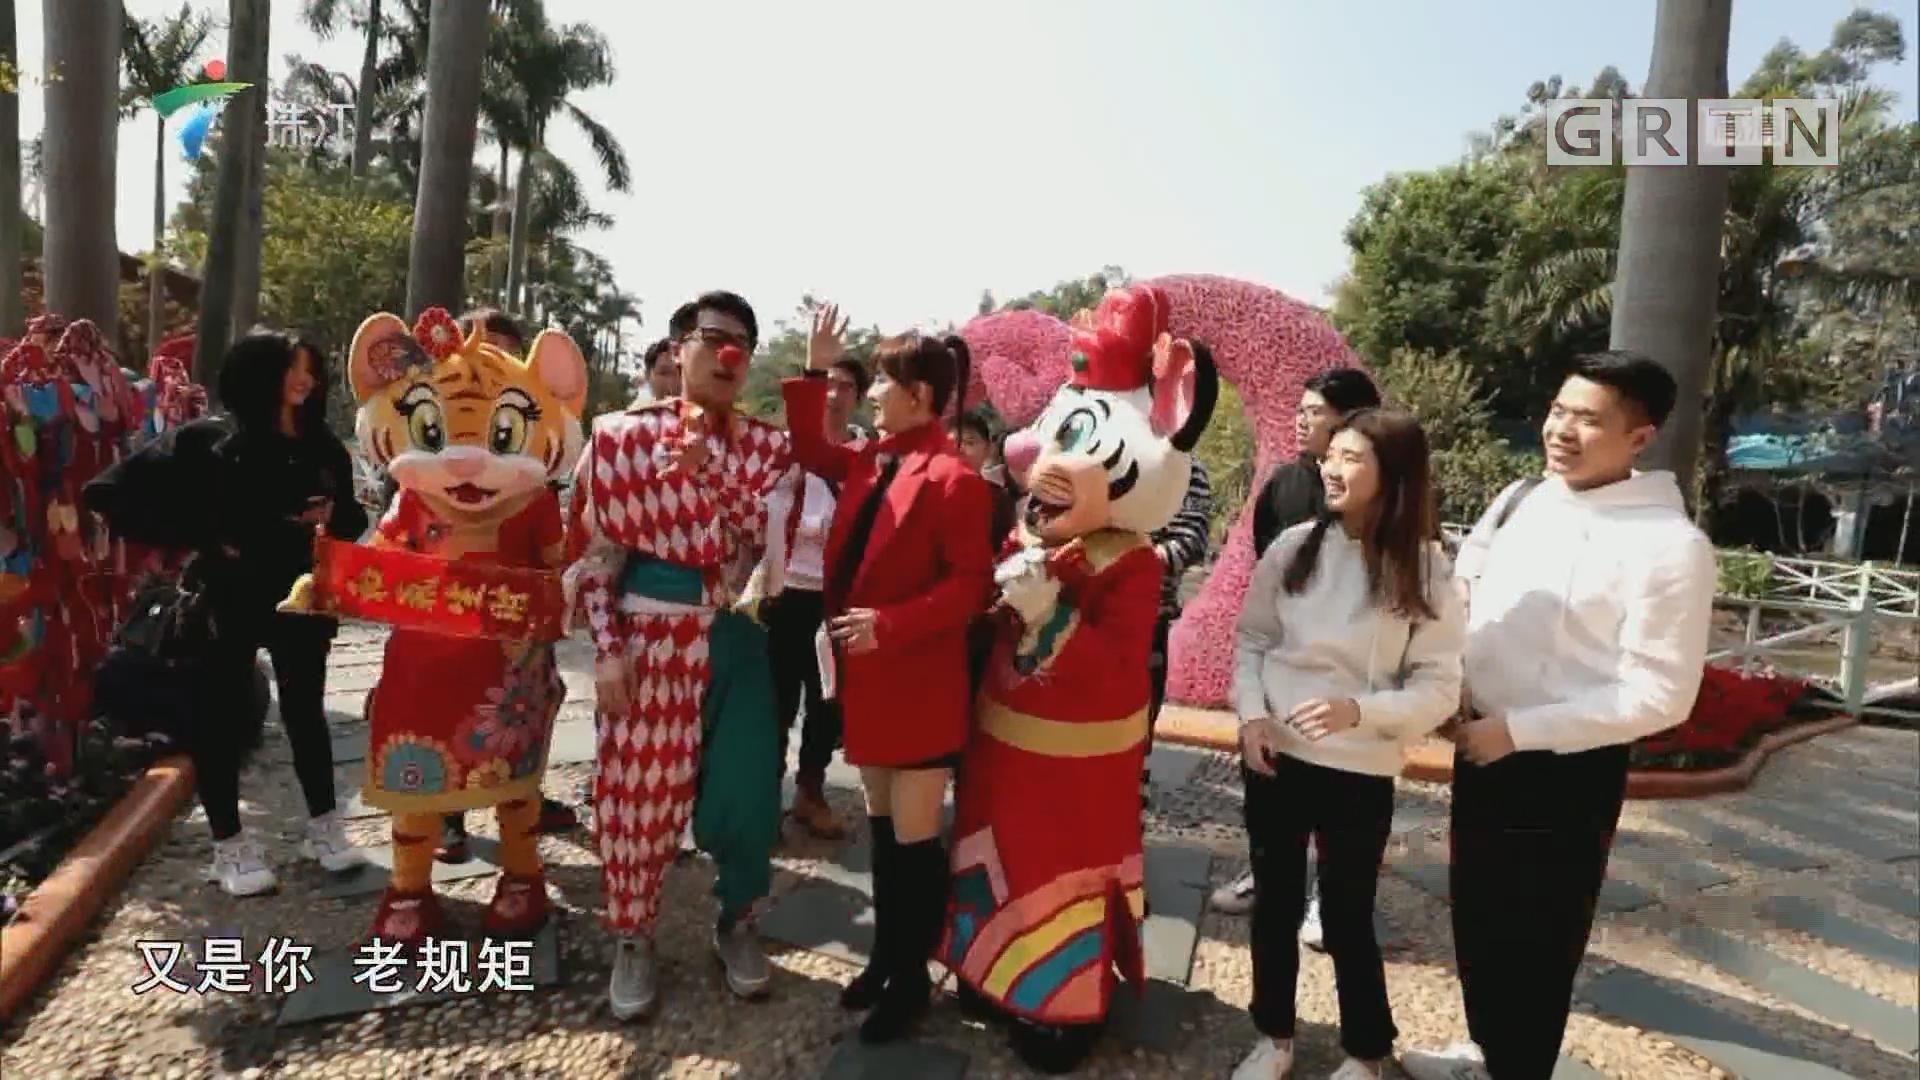 广州长隆欢乐世界年俗游戏